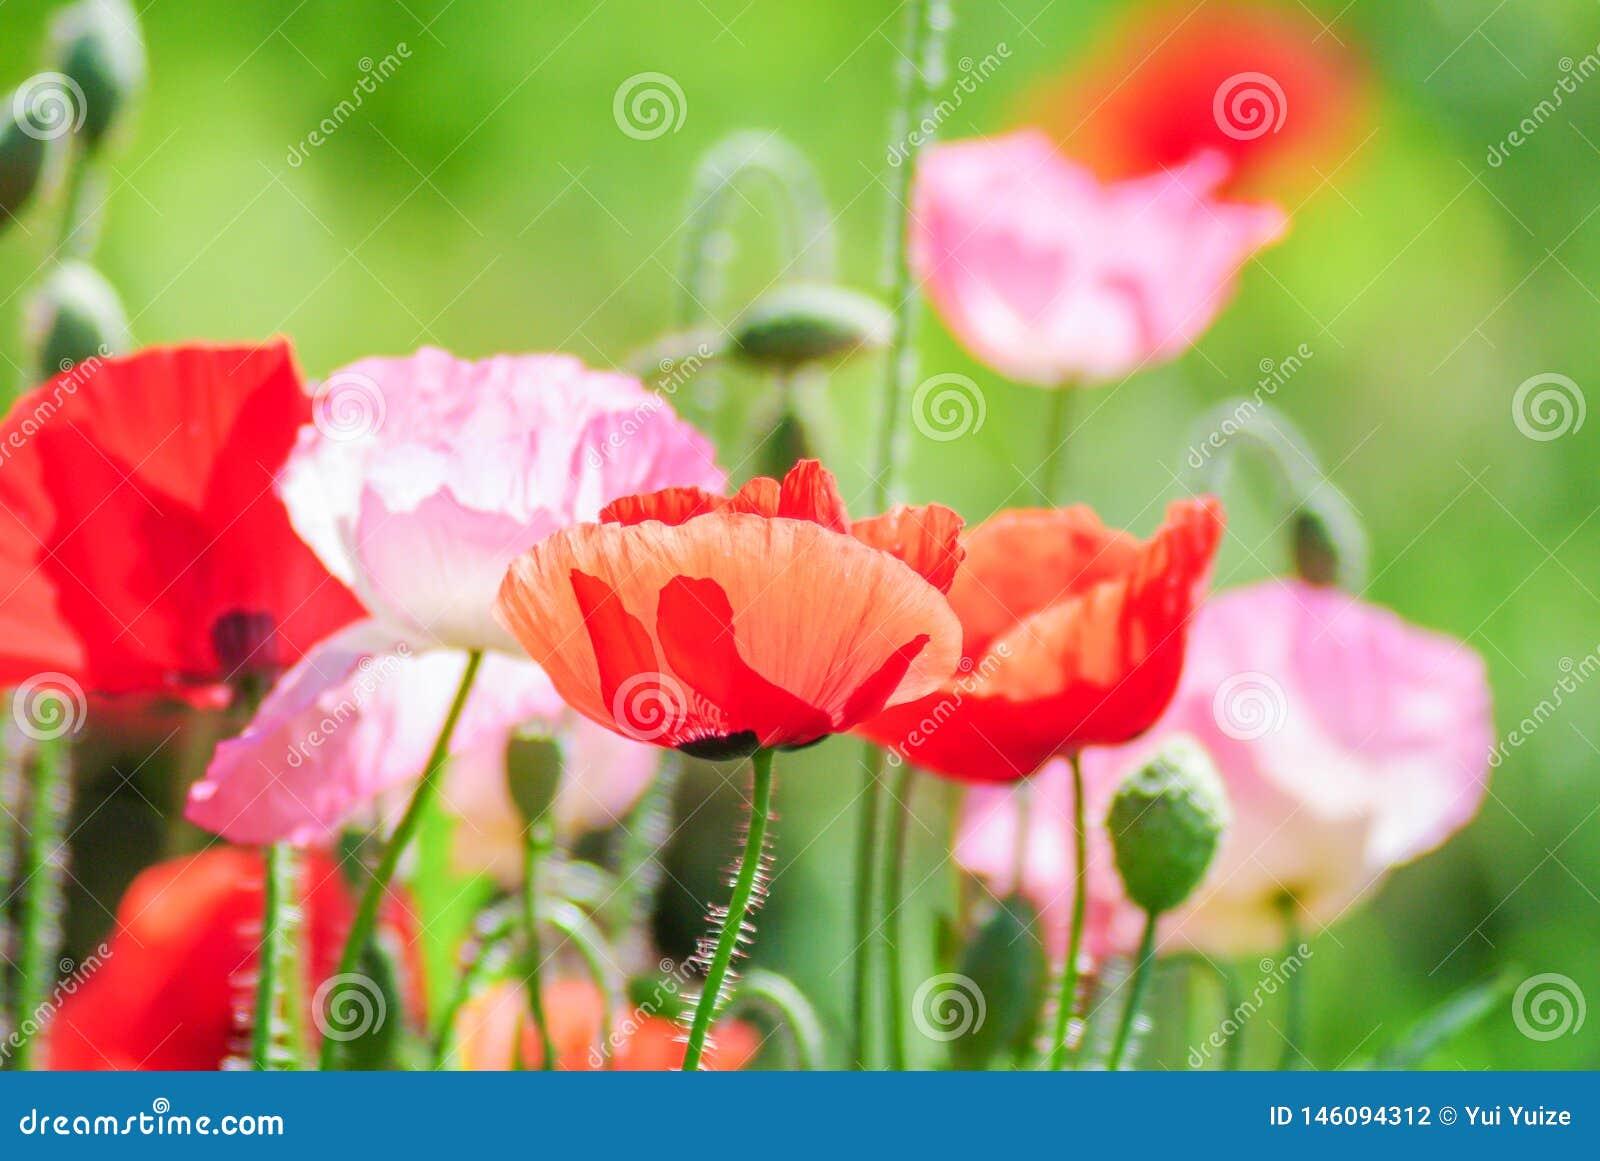 Fiori rossi e rosa del papavero in un campo, papavero rosso